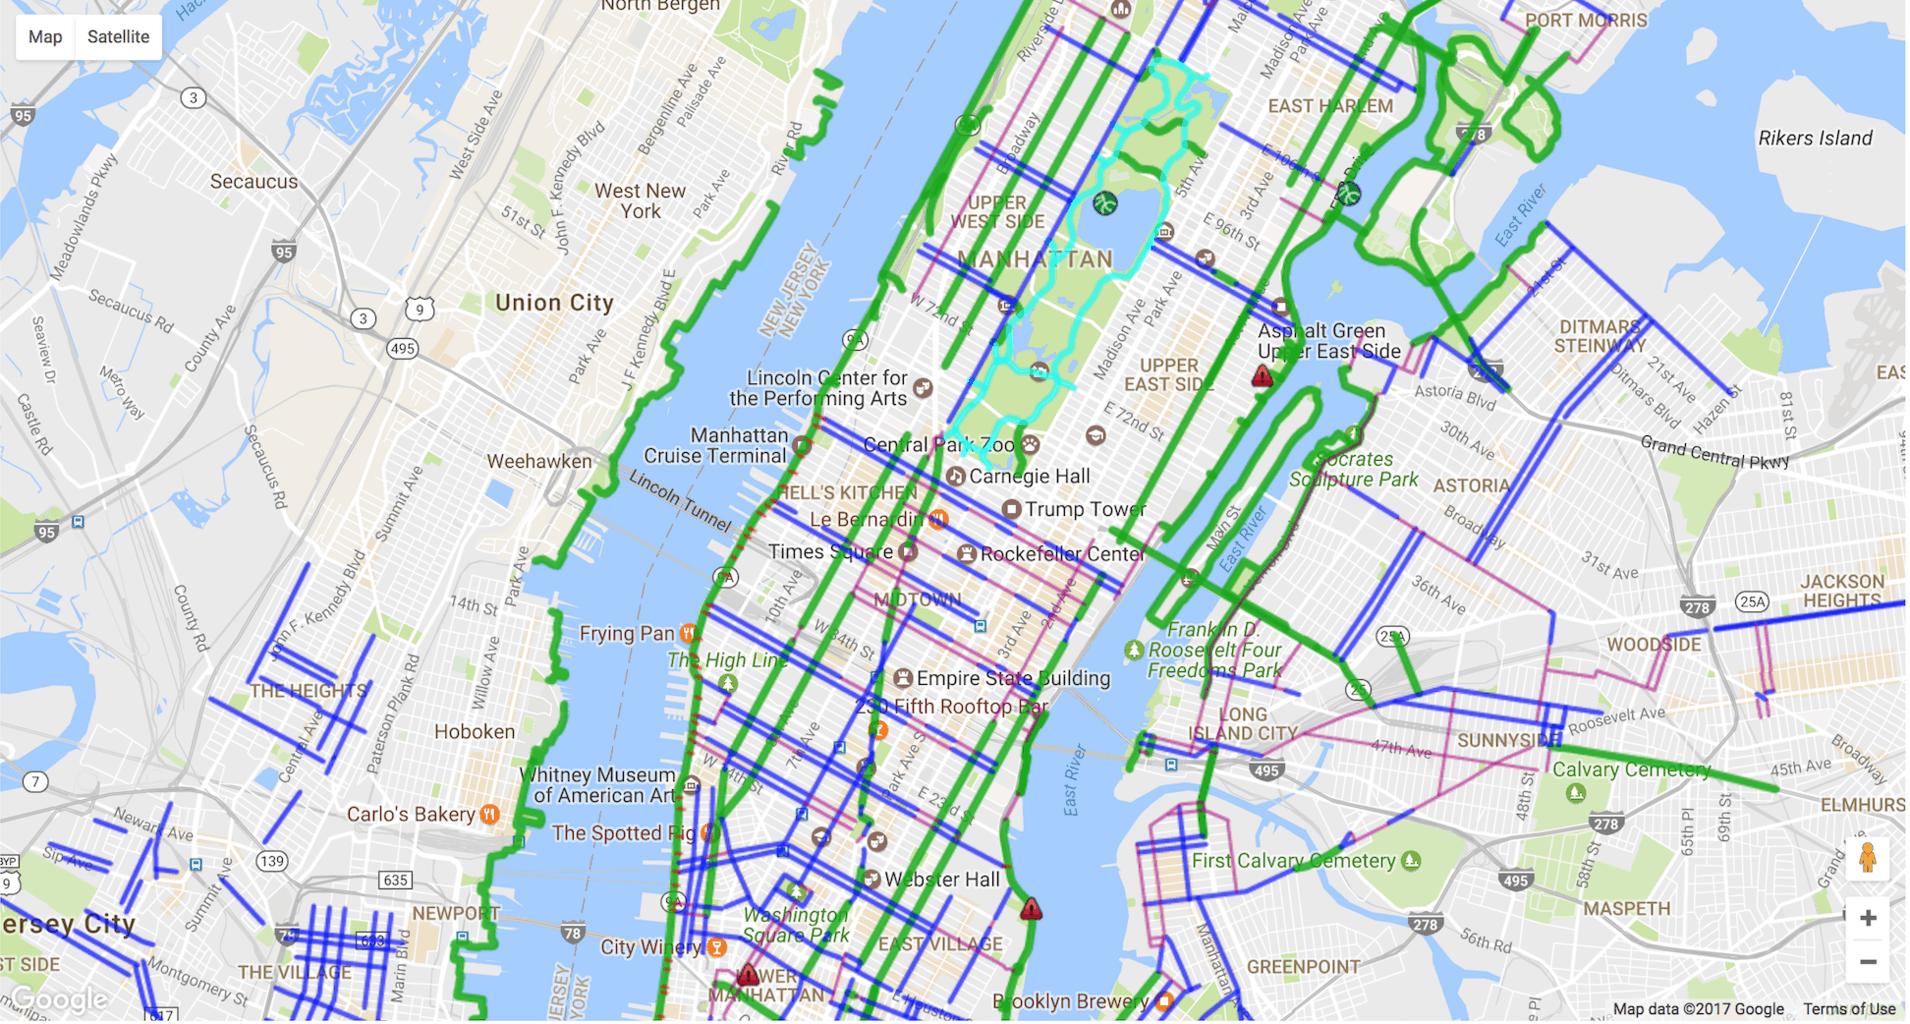 Bike Lane Nyc Map.Bike Lane Map Nyc Country Map